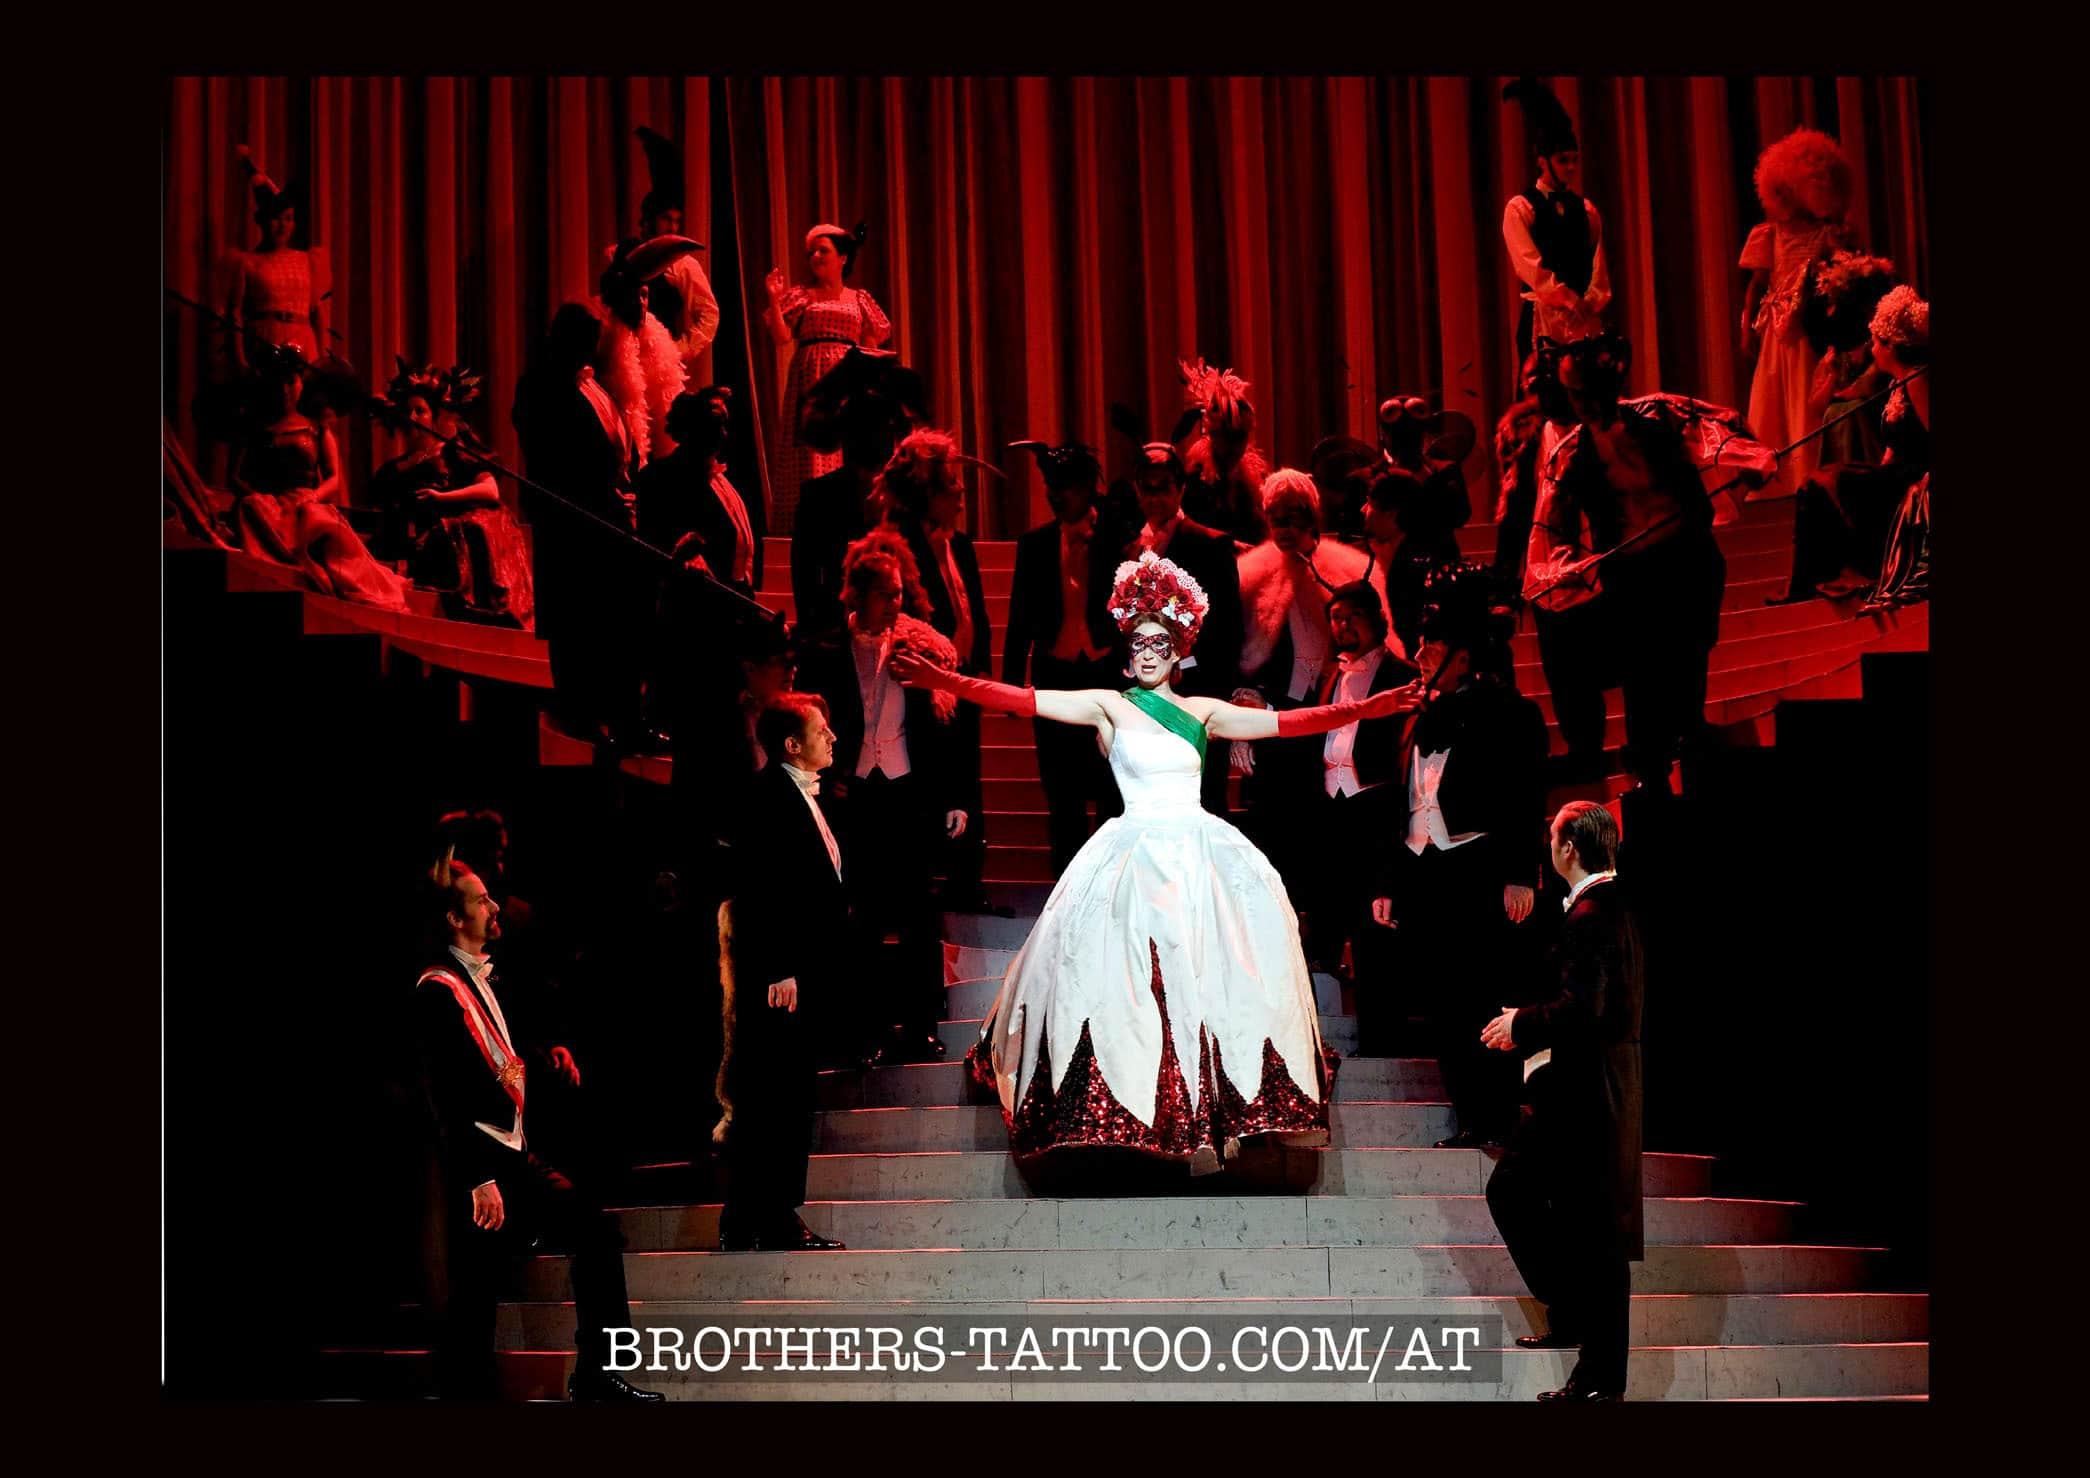 Szene aus einer Oper mit Sonja Gornik in der Hauptrolle (vermutlich Carmen?)